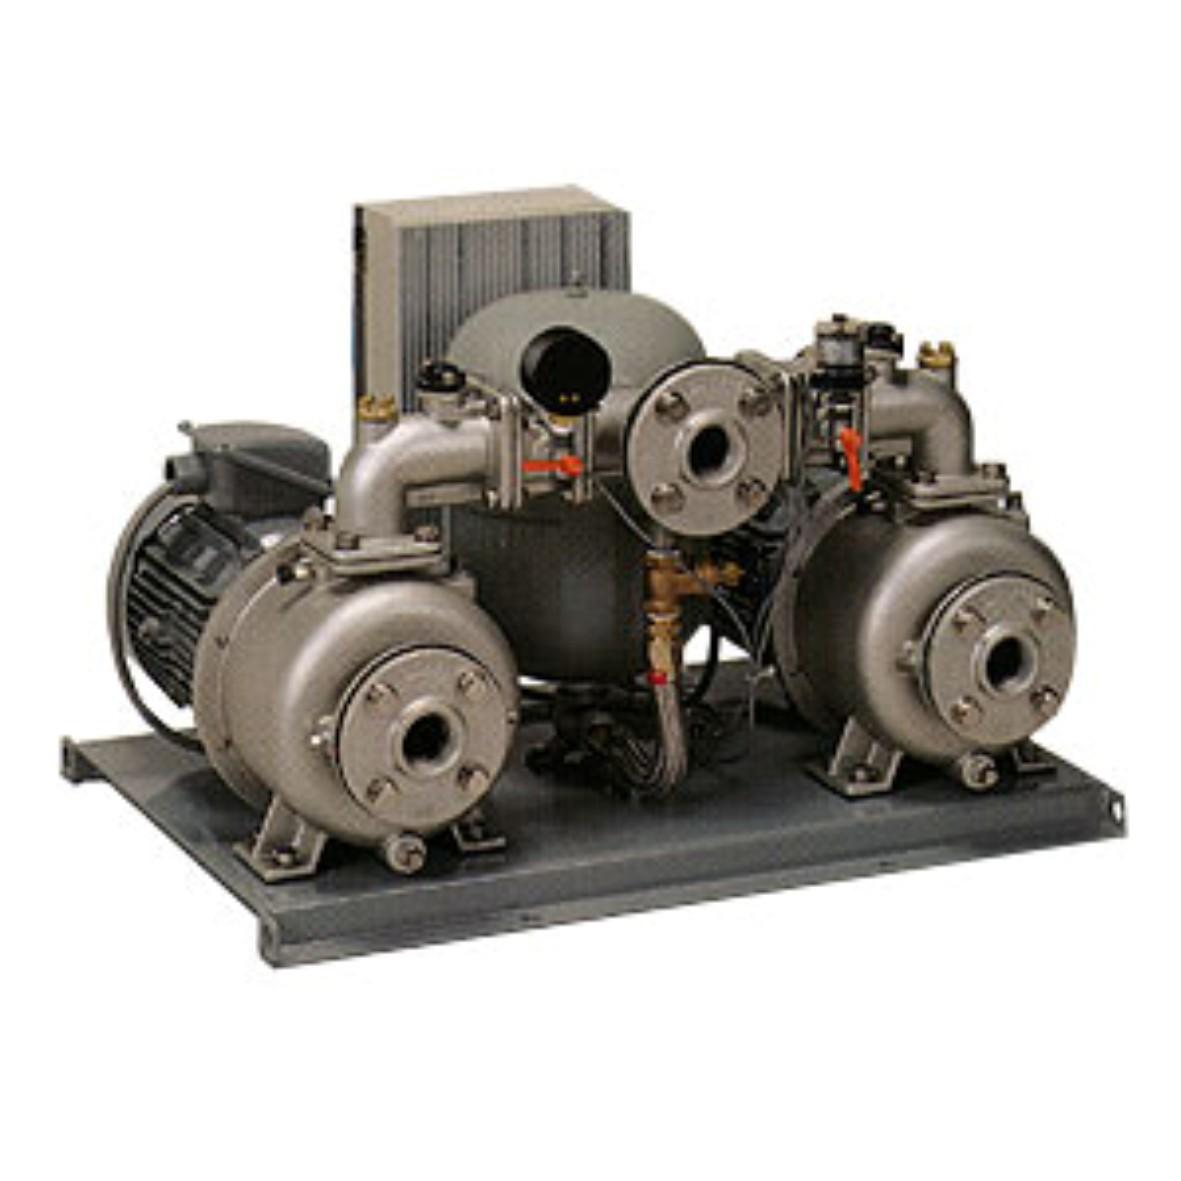 送料無料でお届けします 川本ポンプ KB2-656PE3.7 ポンパーKB2形 60Hz 割引も実施中 定圧給水 交互並列運転